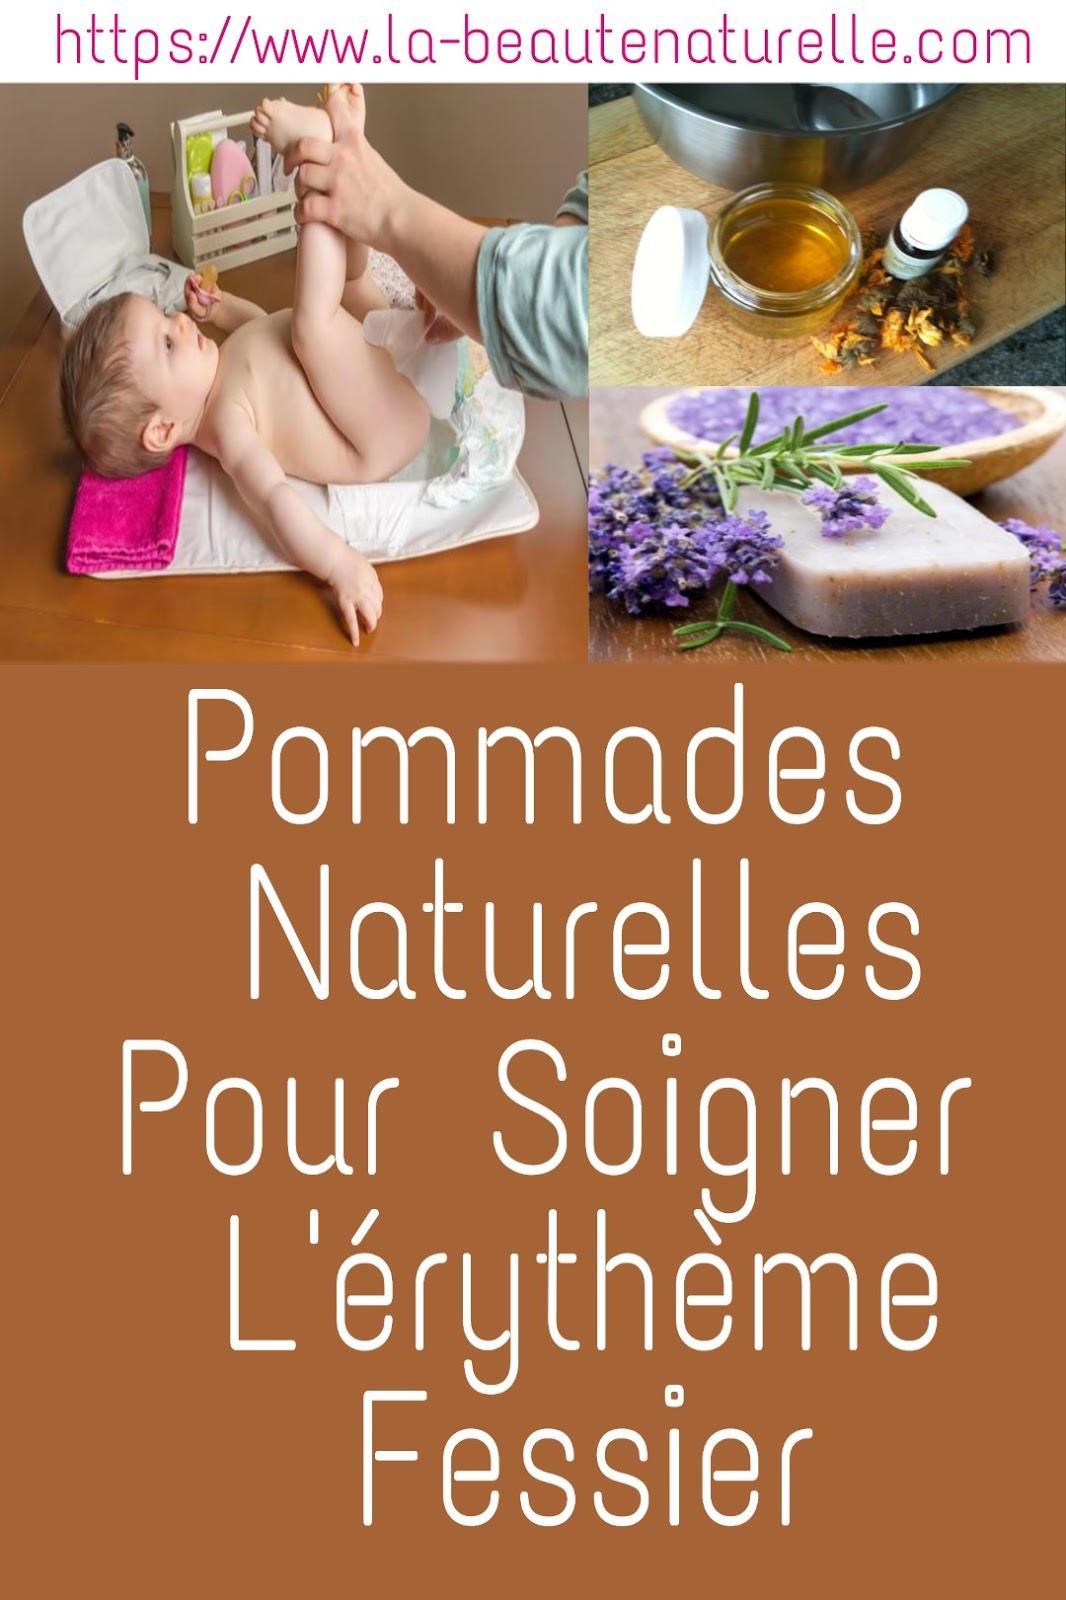 Pommades Naturelles Pour Soigner L'érythème Fessier